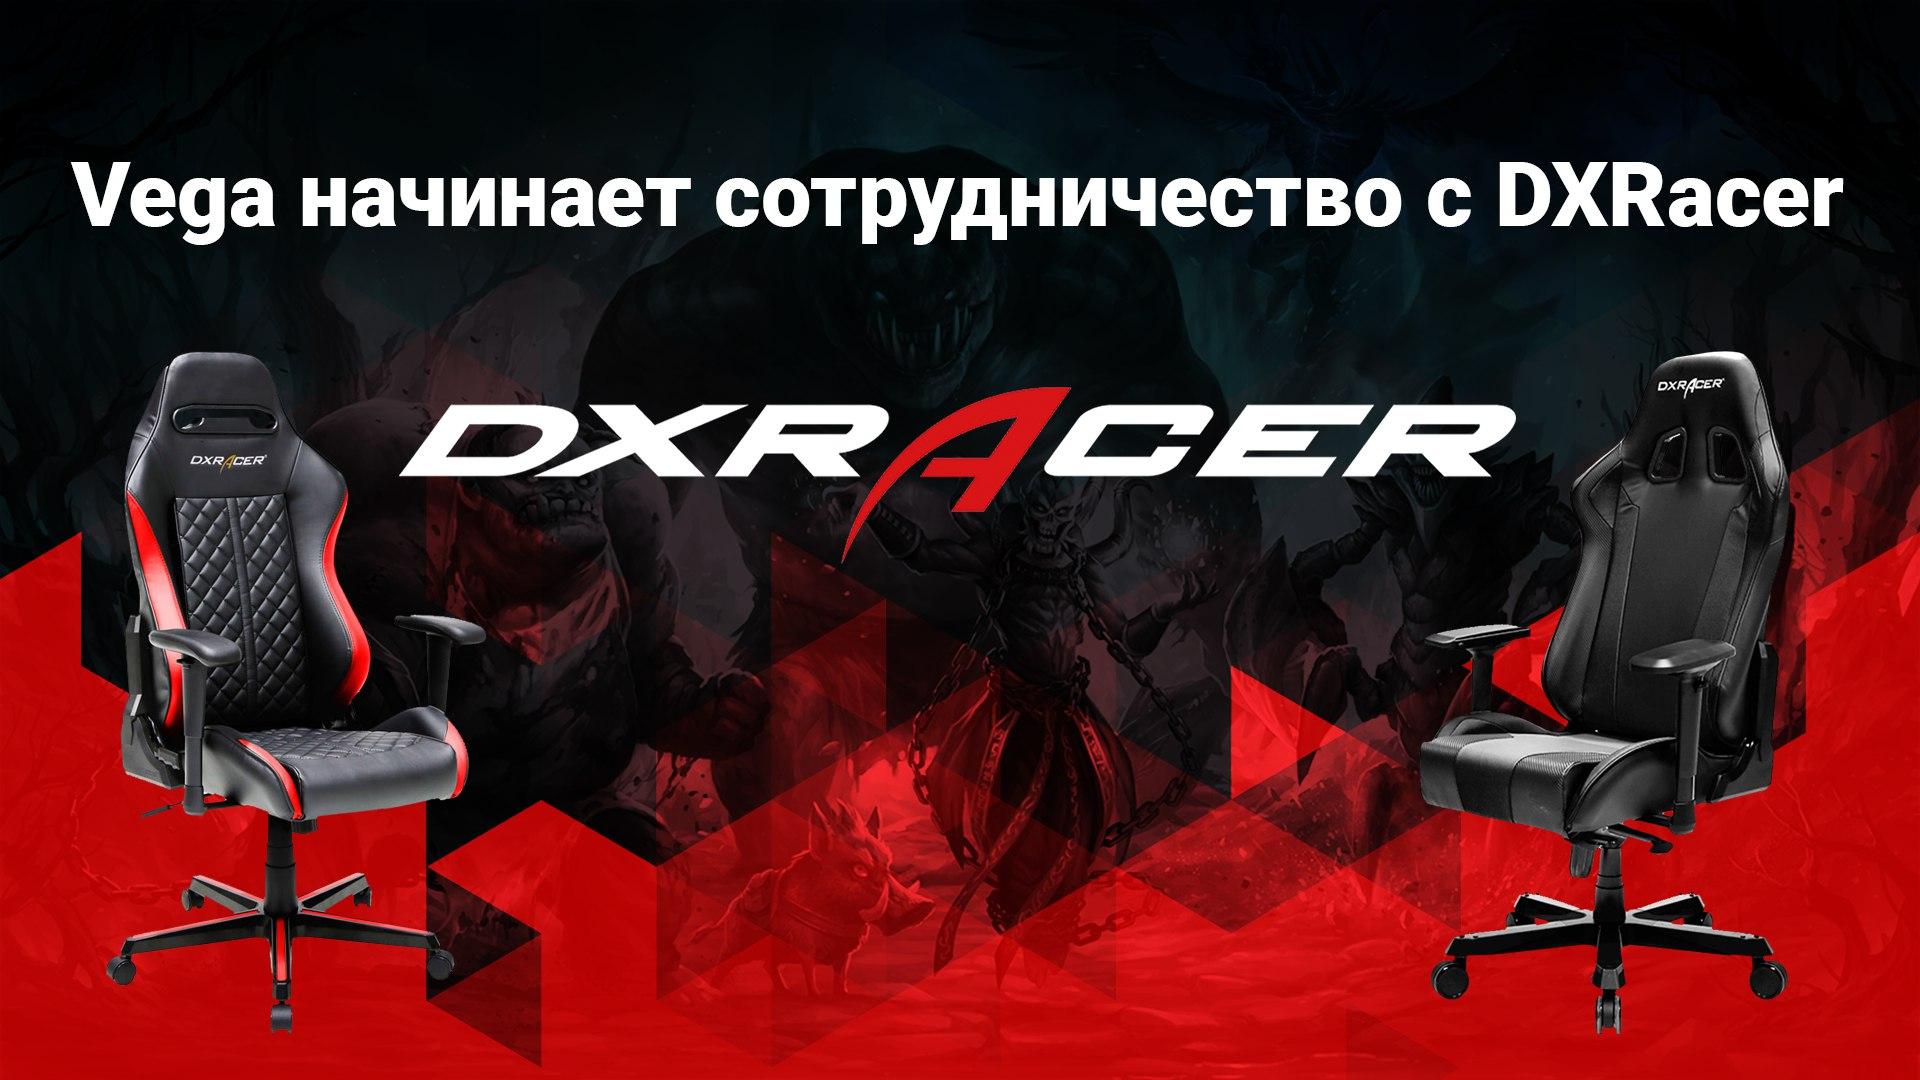 dxracer-vega